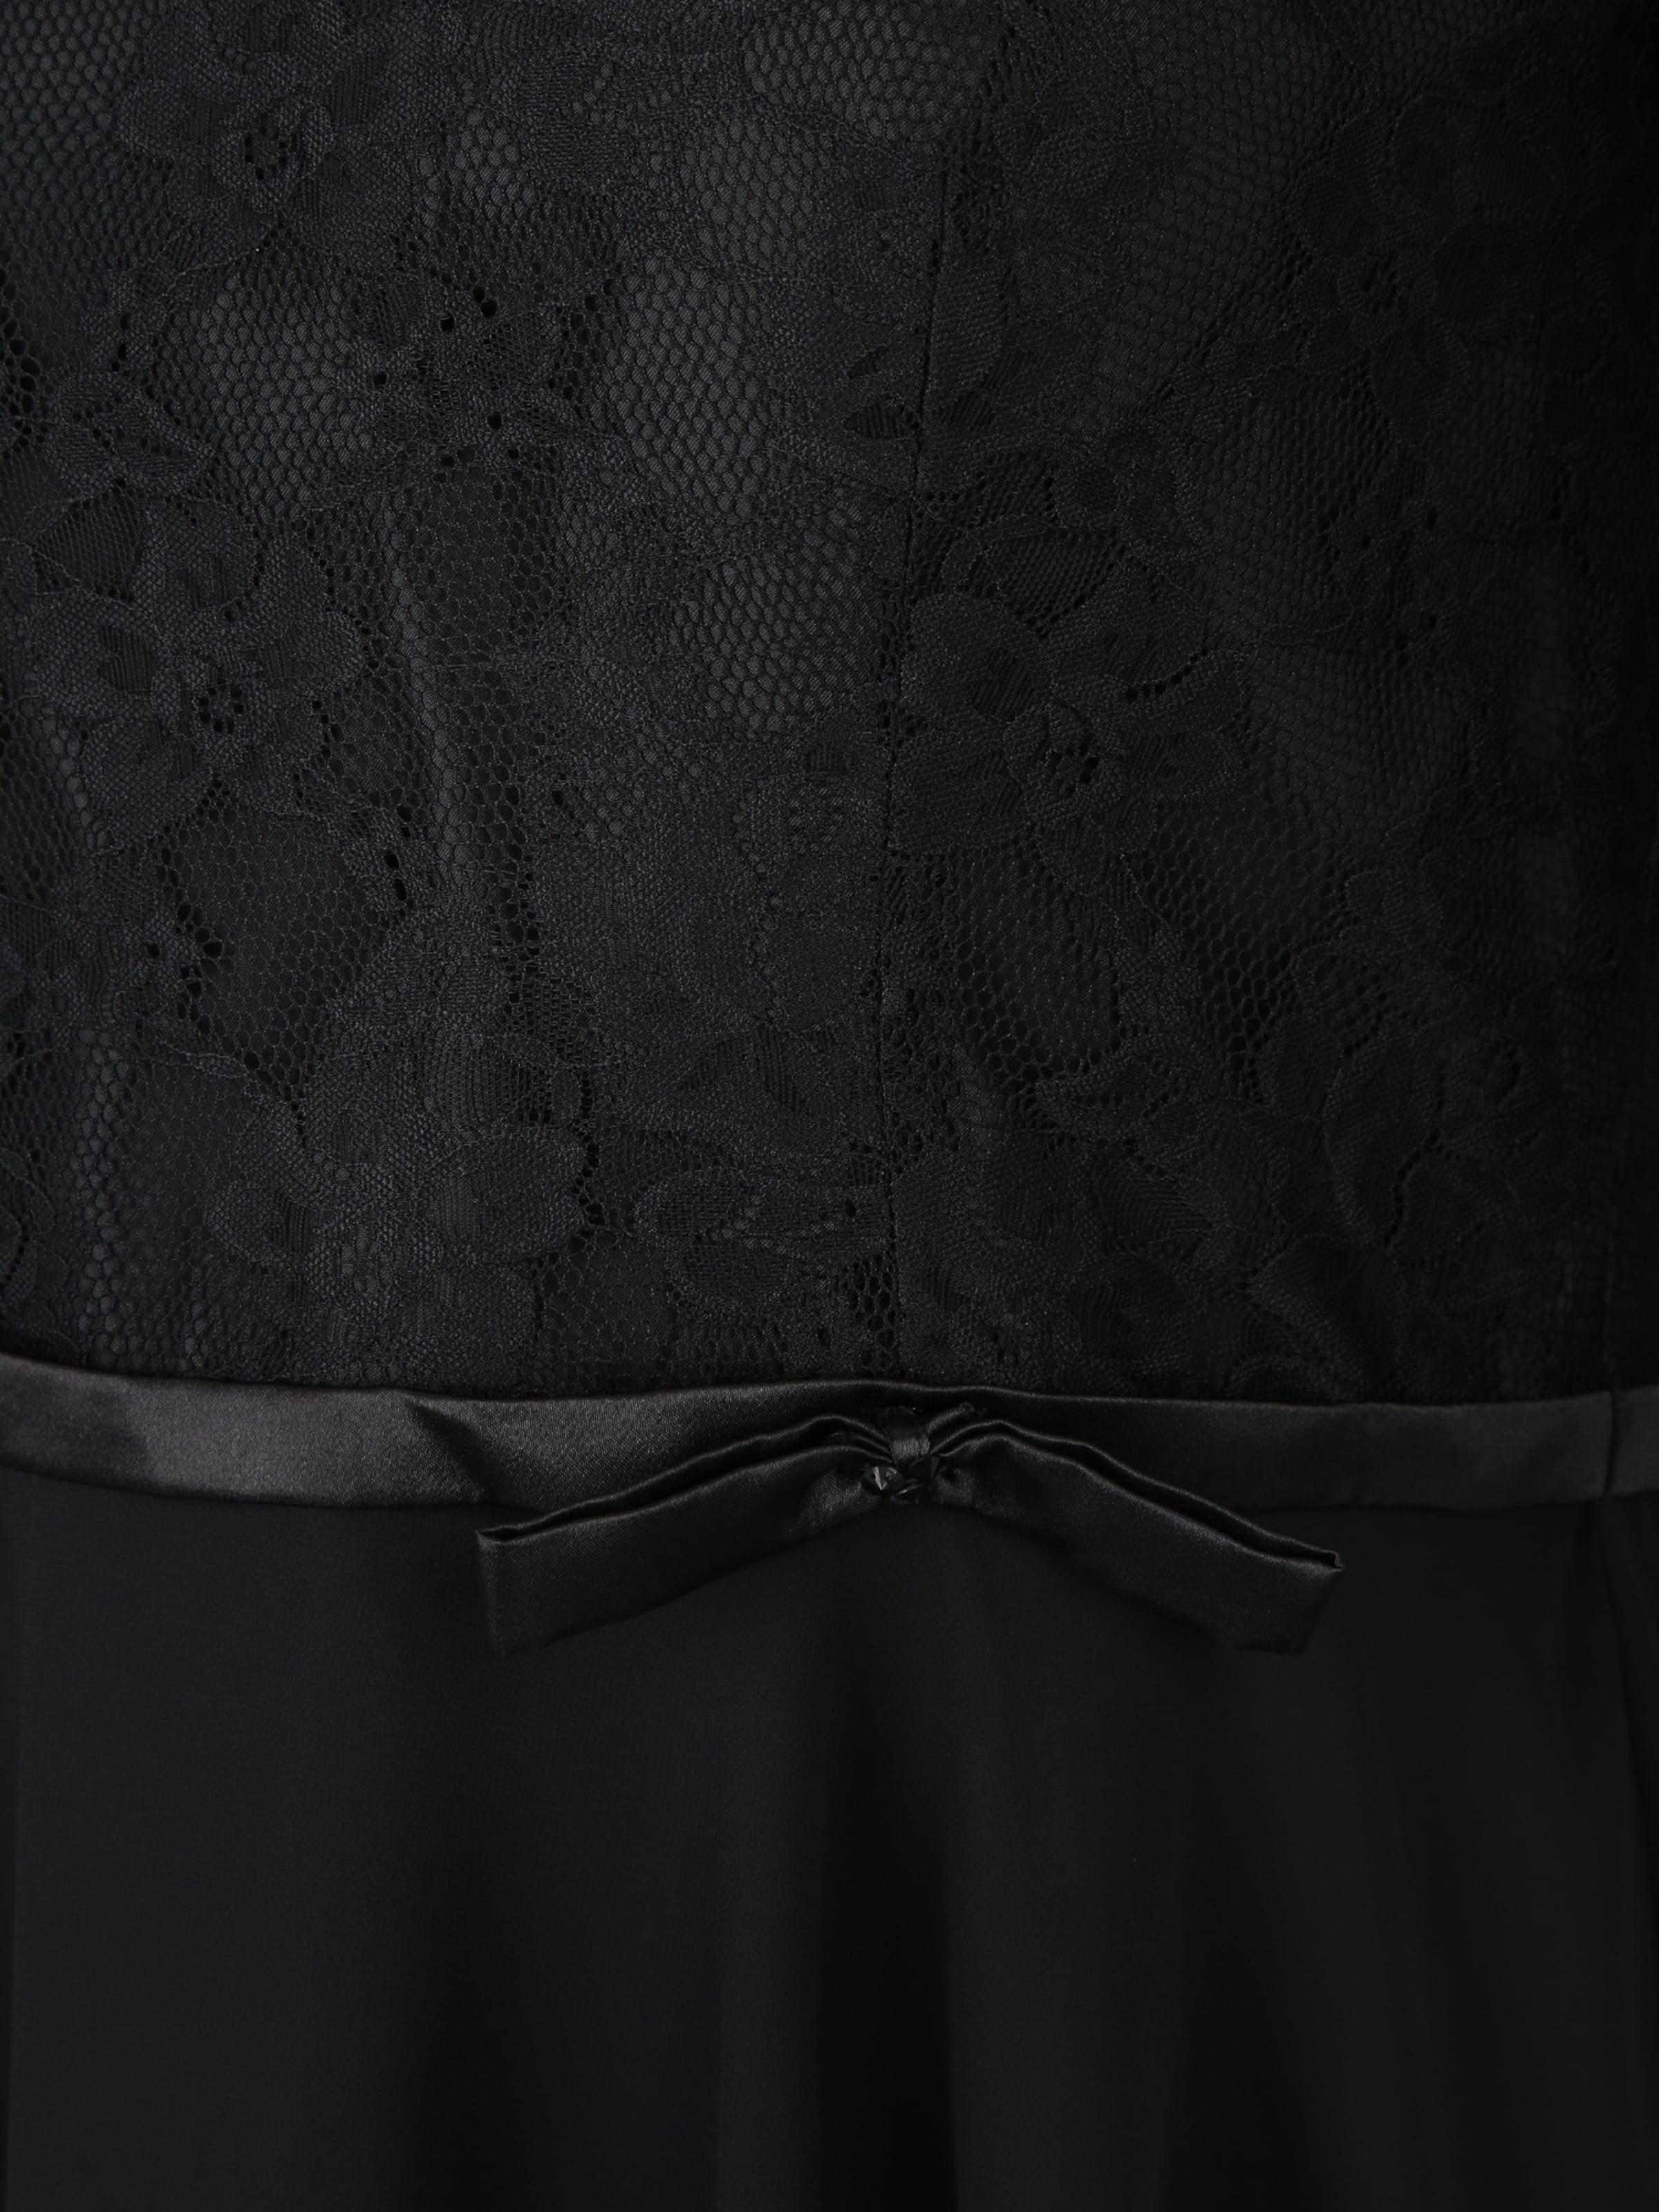 My Mascara Curves Cocktailklänning i svart